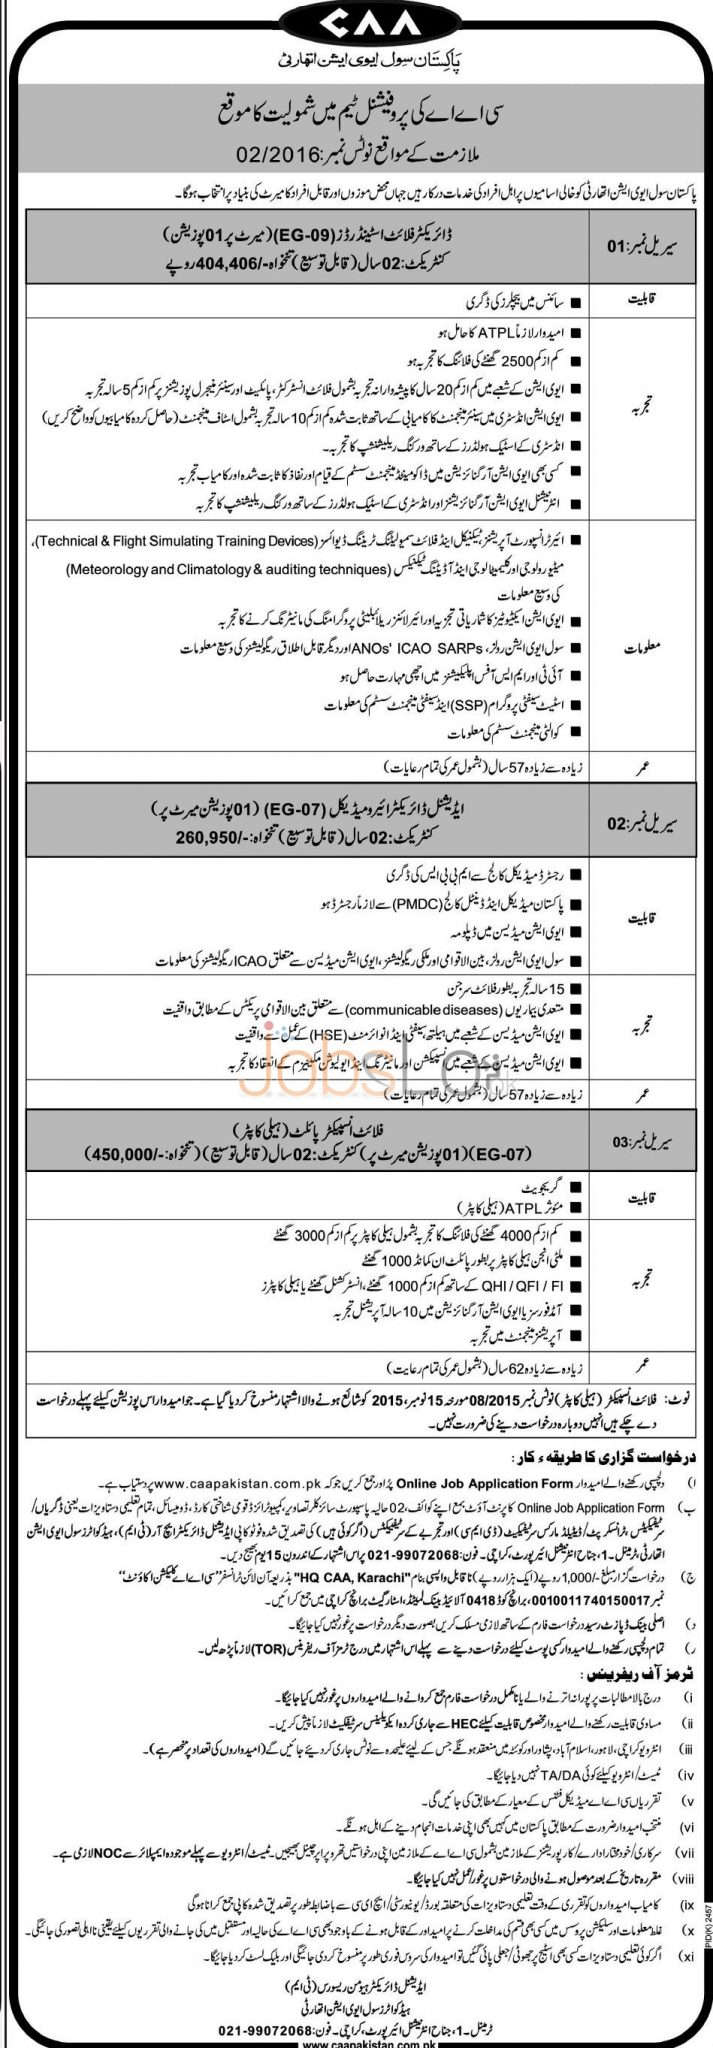 Pakistan Civil Aviation Authoity Jobs in Karachi 2016